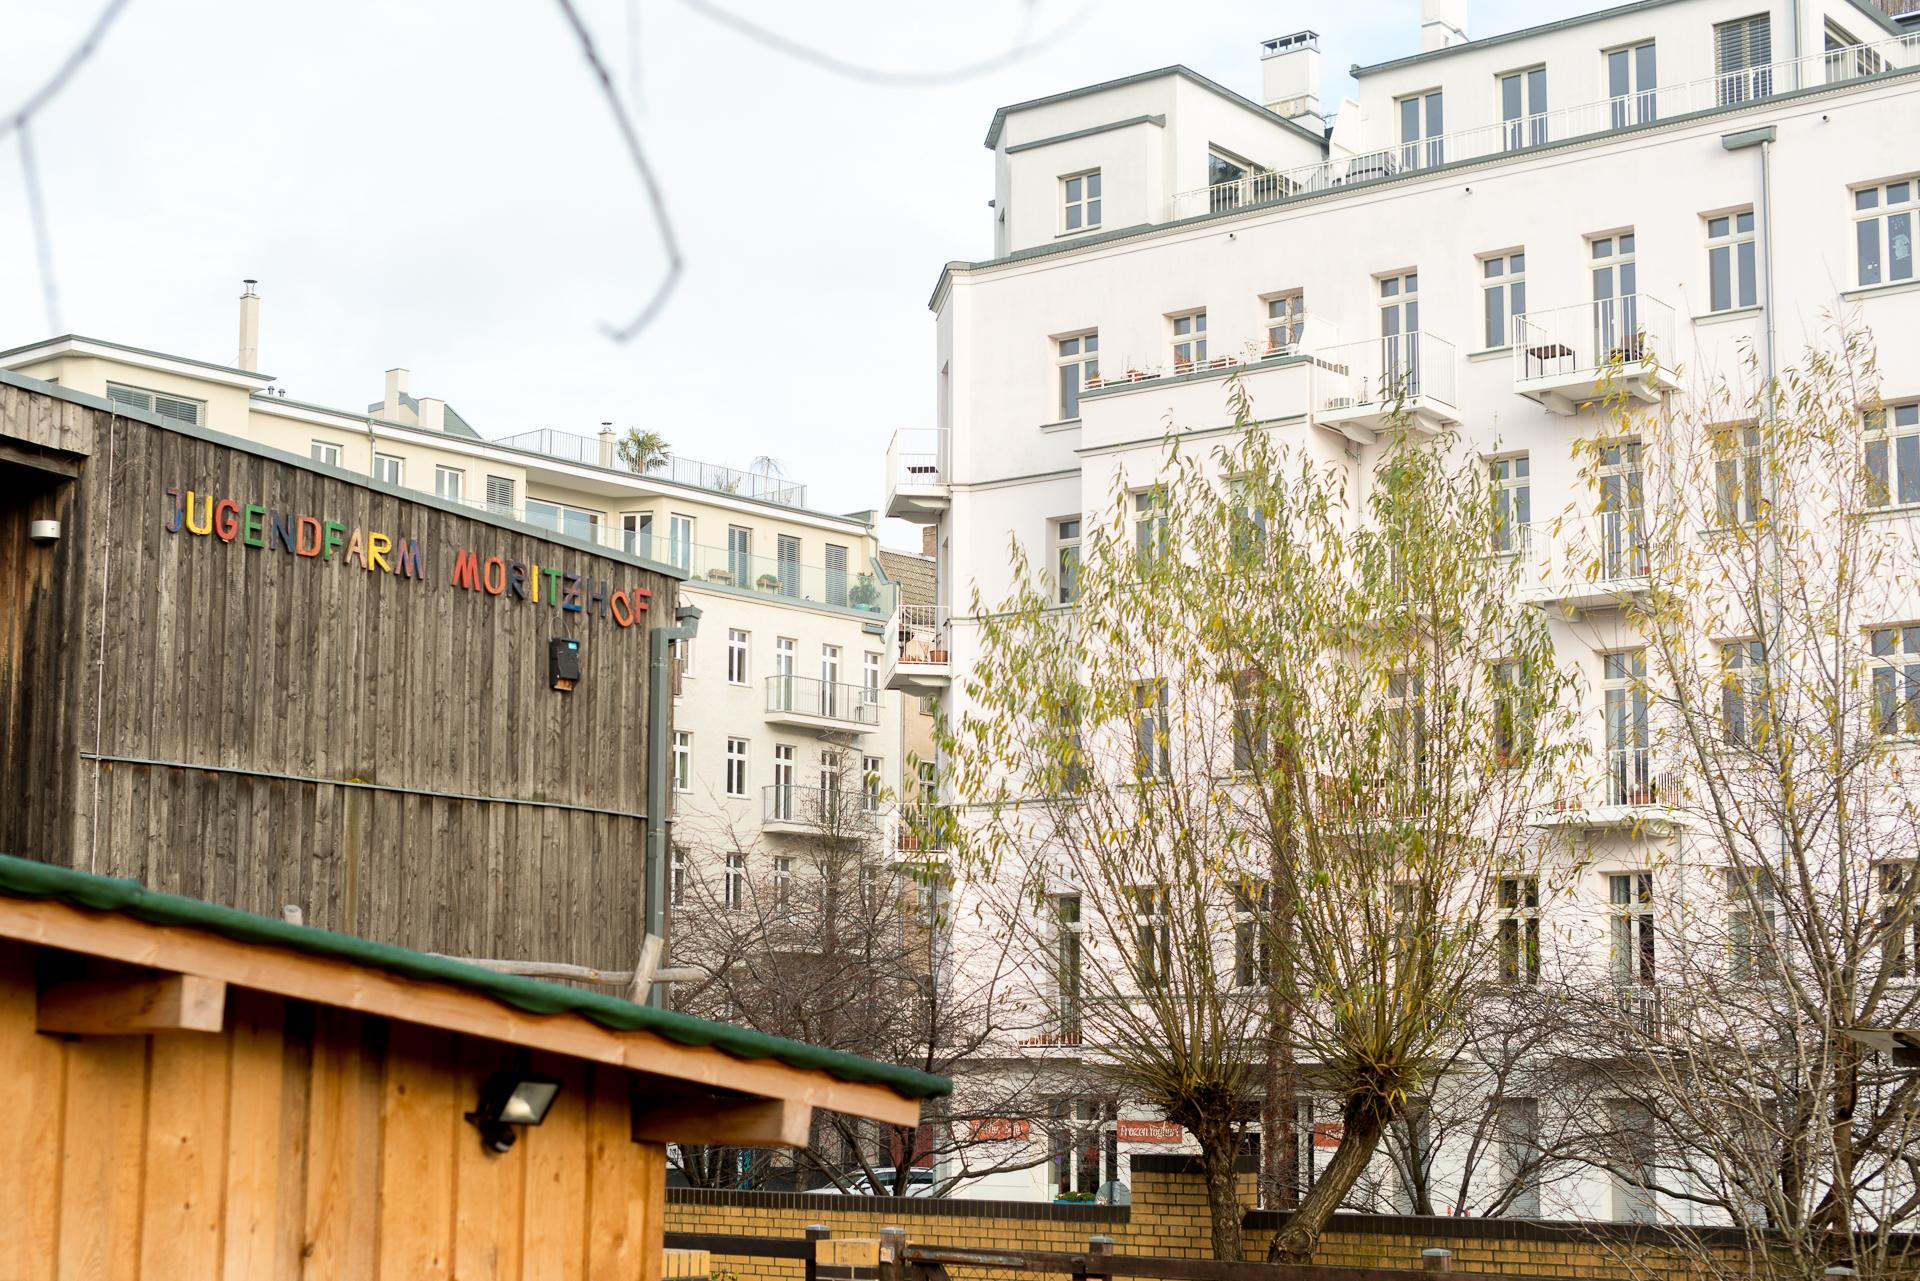 Jugendfarm Moritzhof in Berlin, Germany